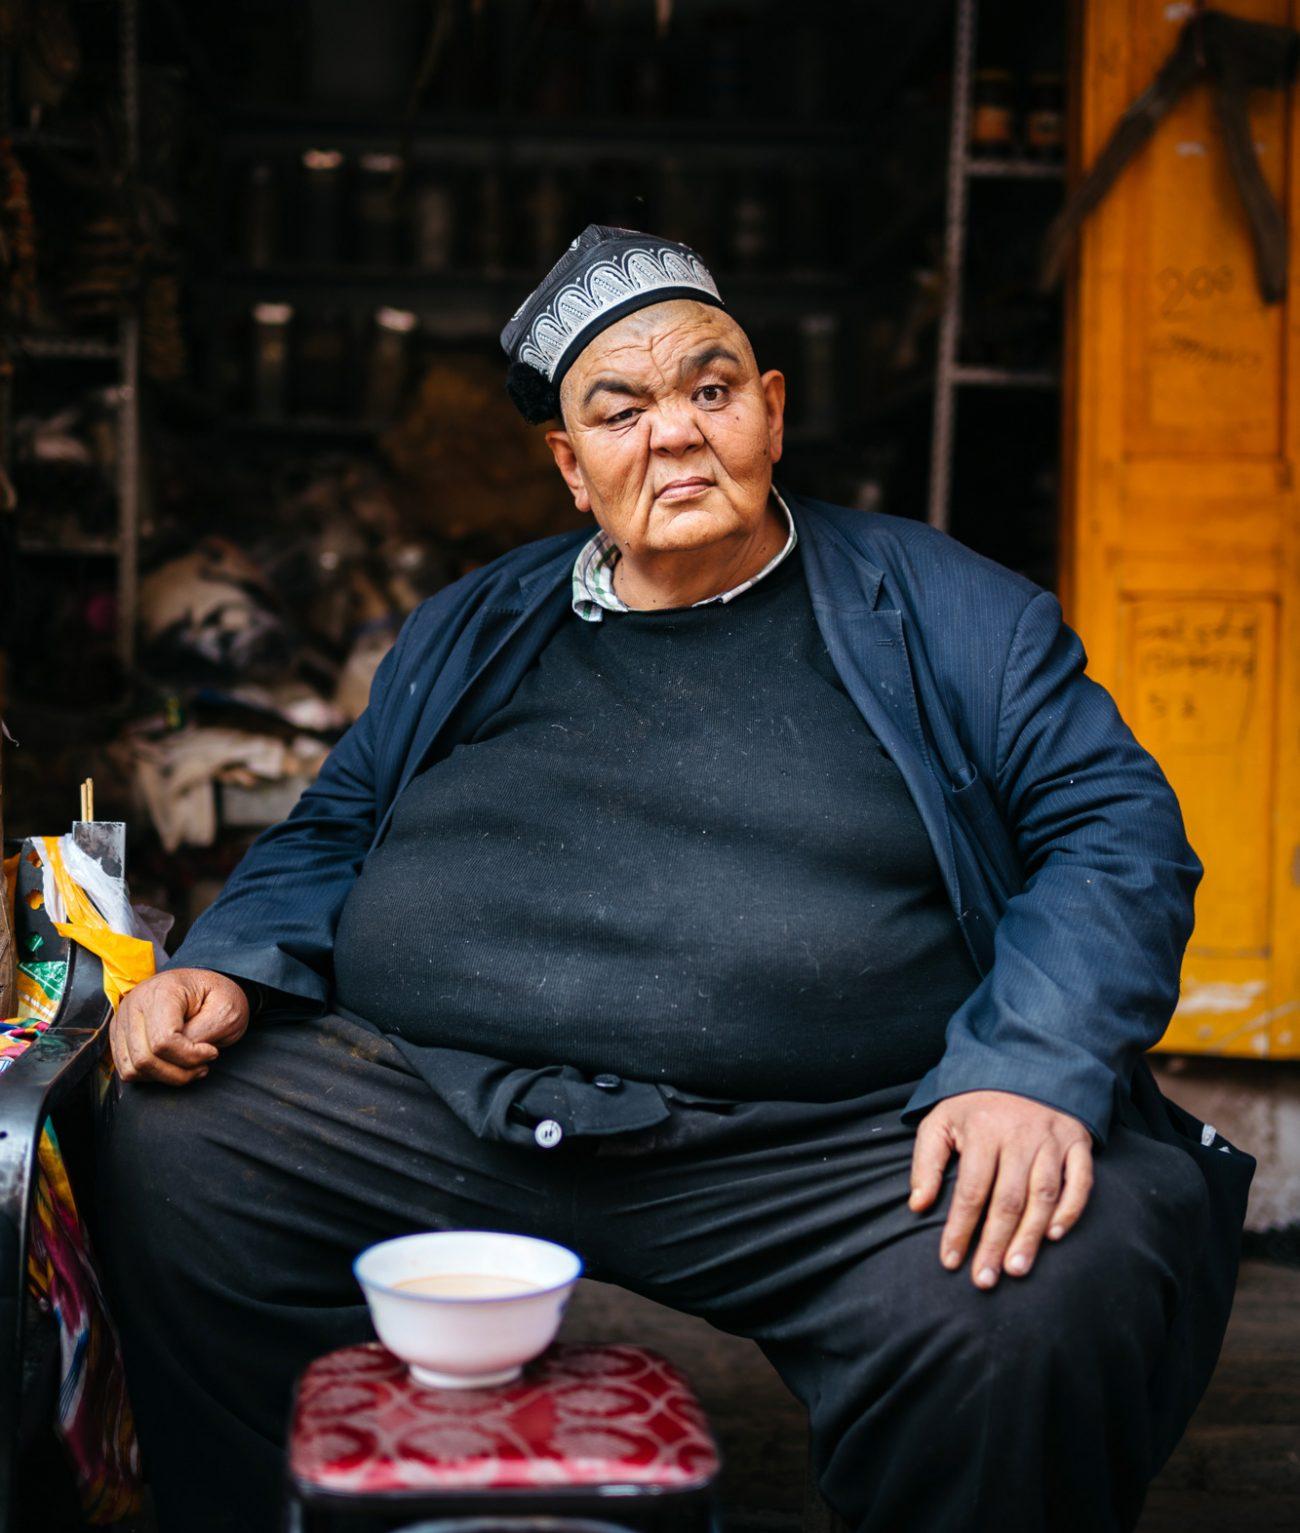 Kachgar Xinjiang Ouïghours